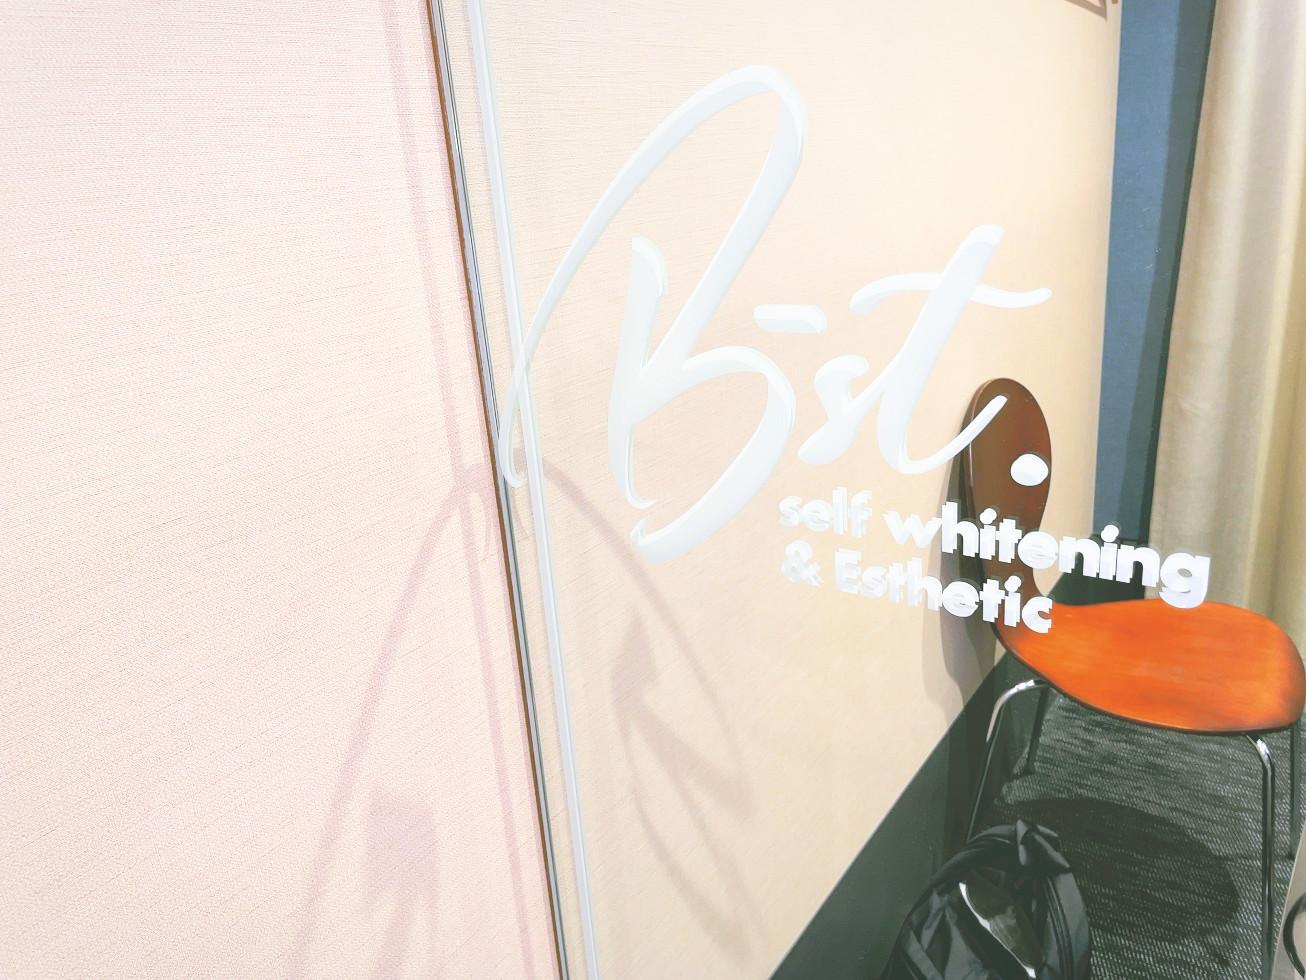 ビーストb-st新宿セルフエステ口コミ体験レポ